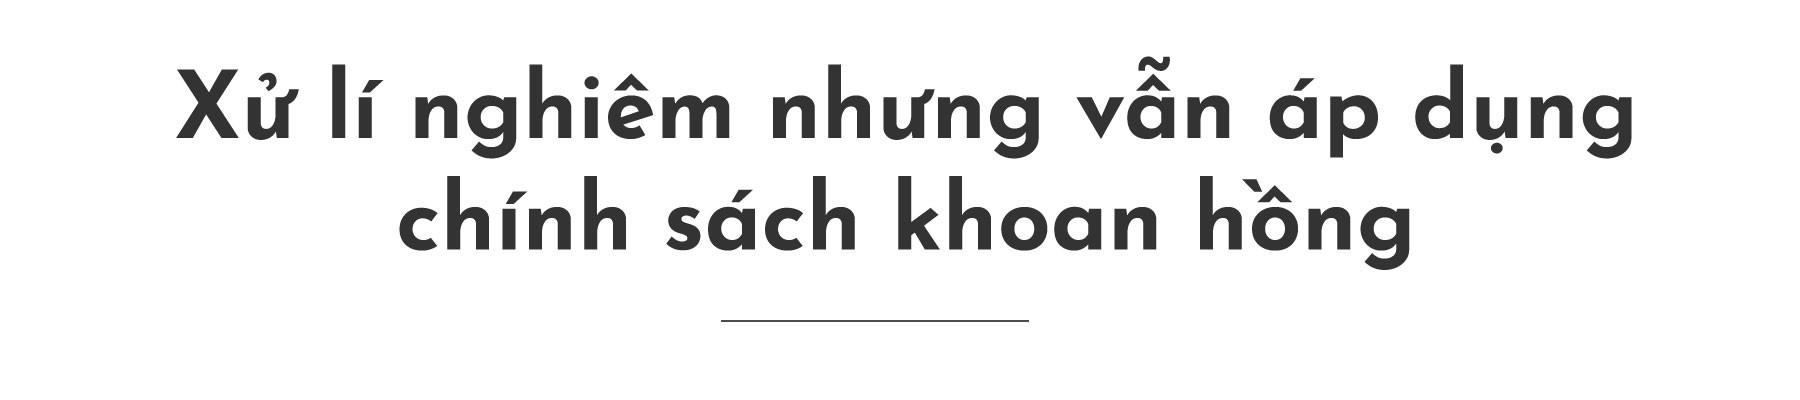 (eMagazine)- Toàn cảnh vụ gây rối ở TP HCM và Bình Thuận - Ảnh 10.